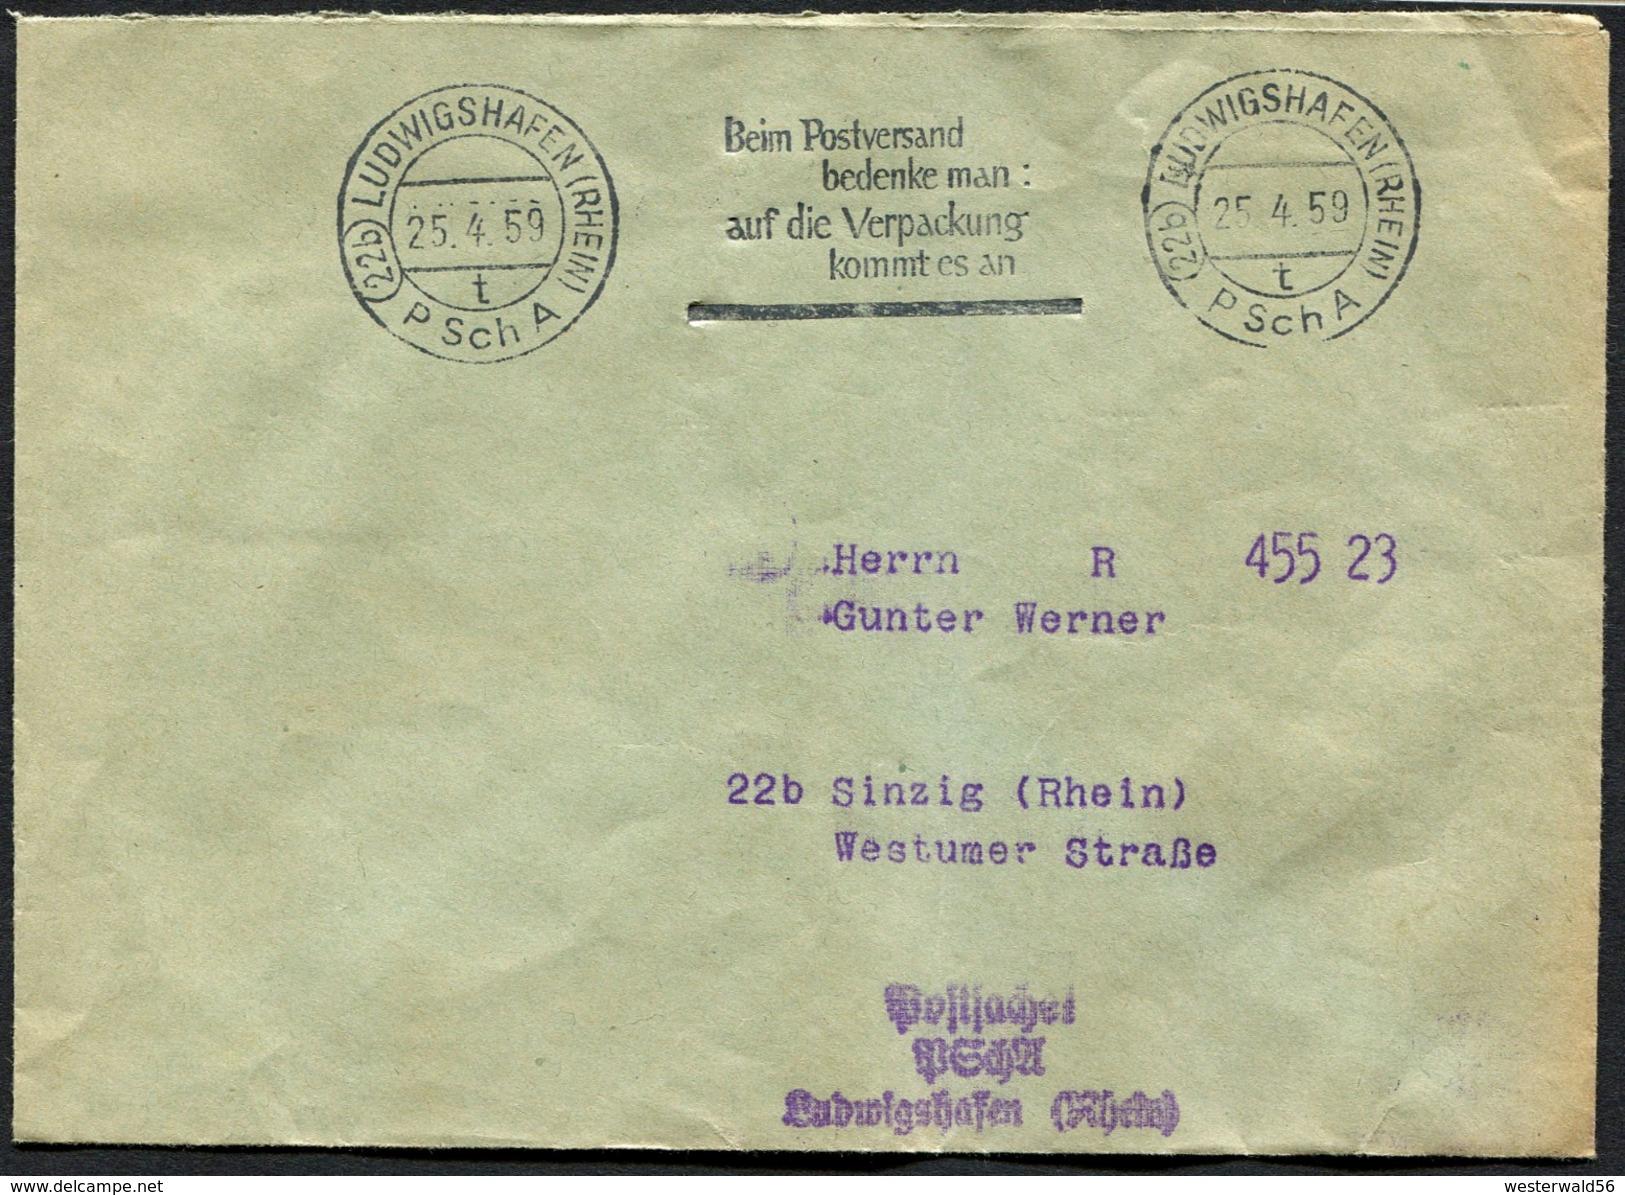 """(1745) Brief Vom Postscheckamt (22b) Ludwigshafen Mit Sauberem Werbestempel Vom 25.4.59 P Sch A, """"Beim Postversand ..."""" - Briefe U. Dokumente"""